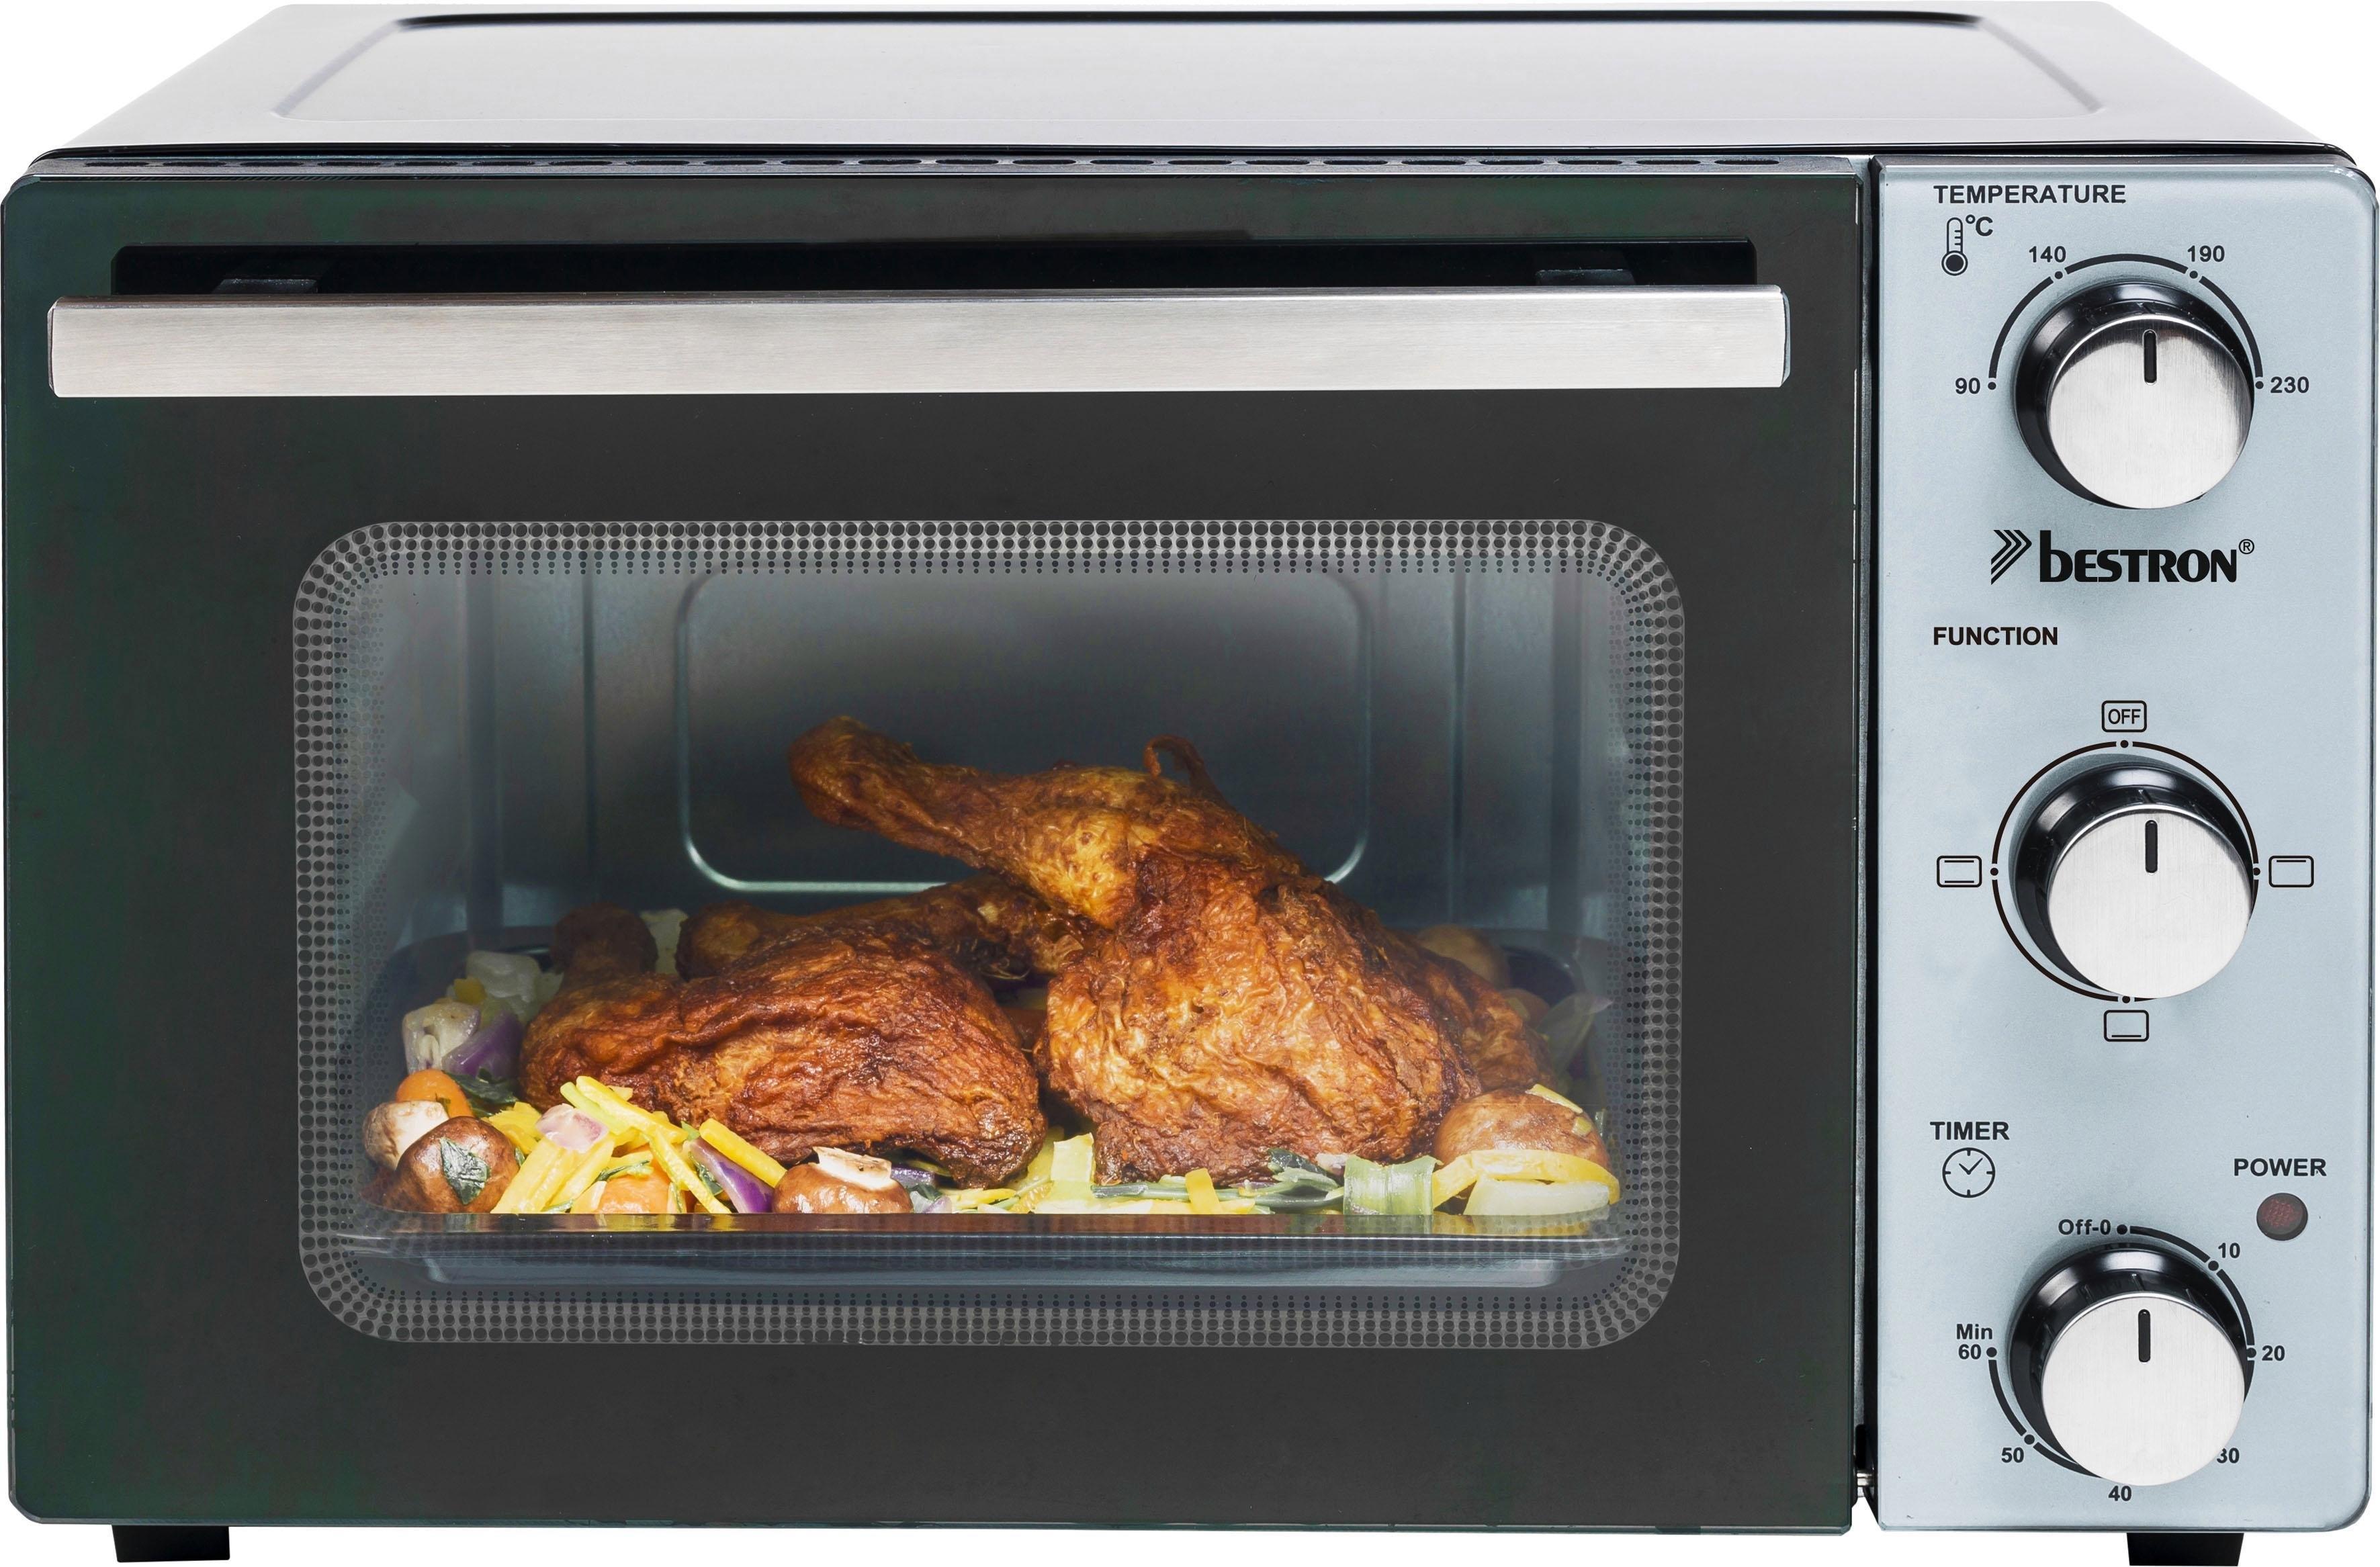 bestron »AOV20« mini-oven goedkoop op otto.nl kopen